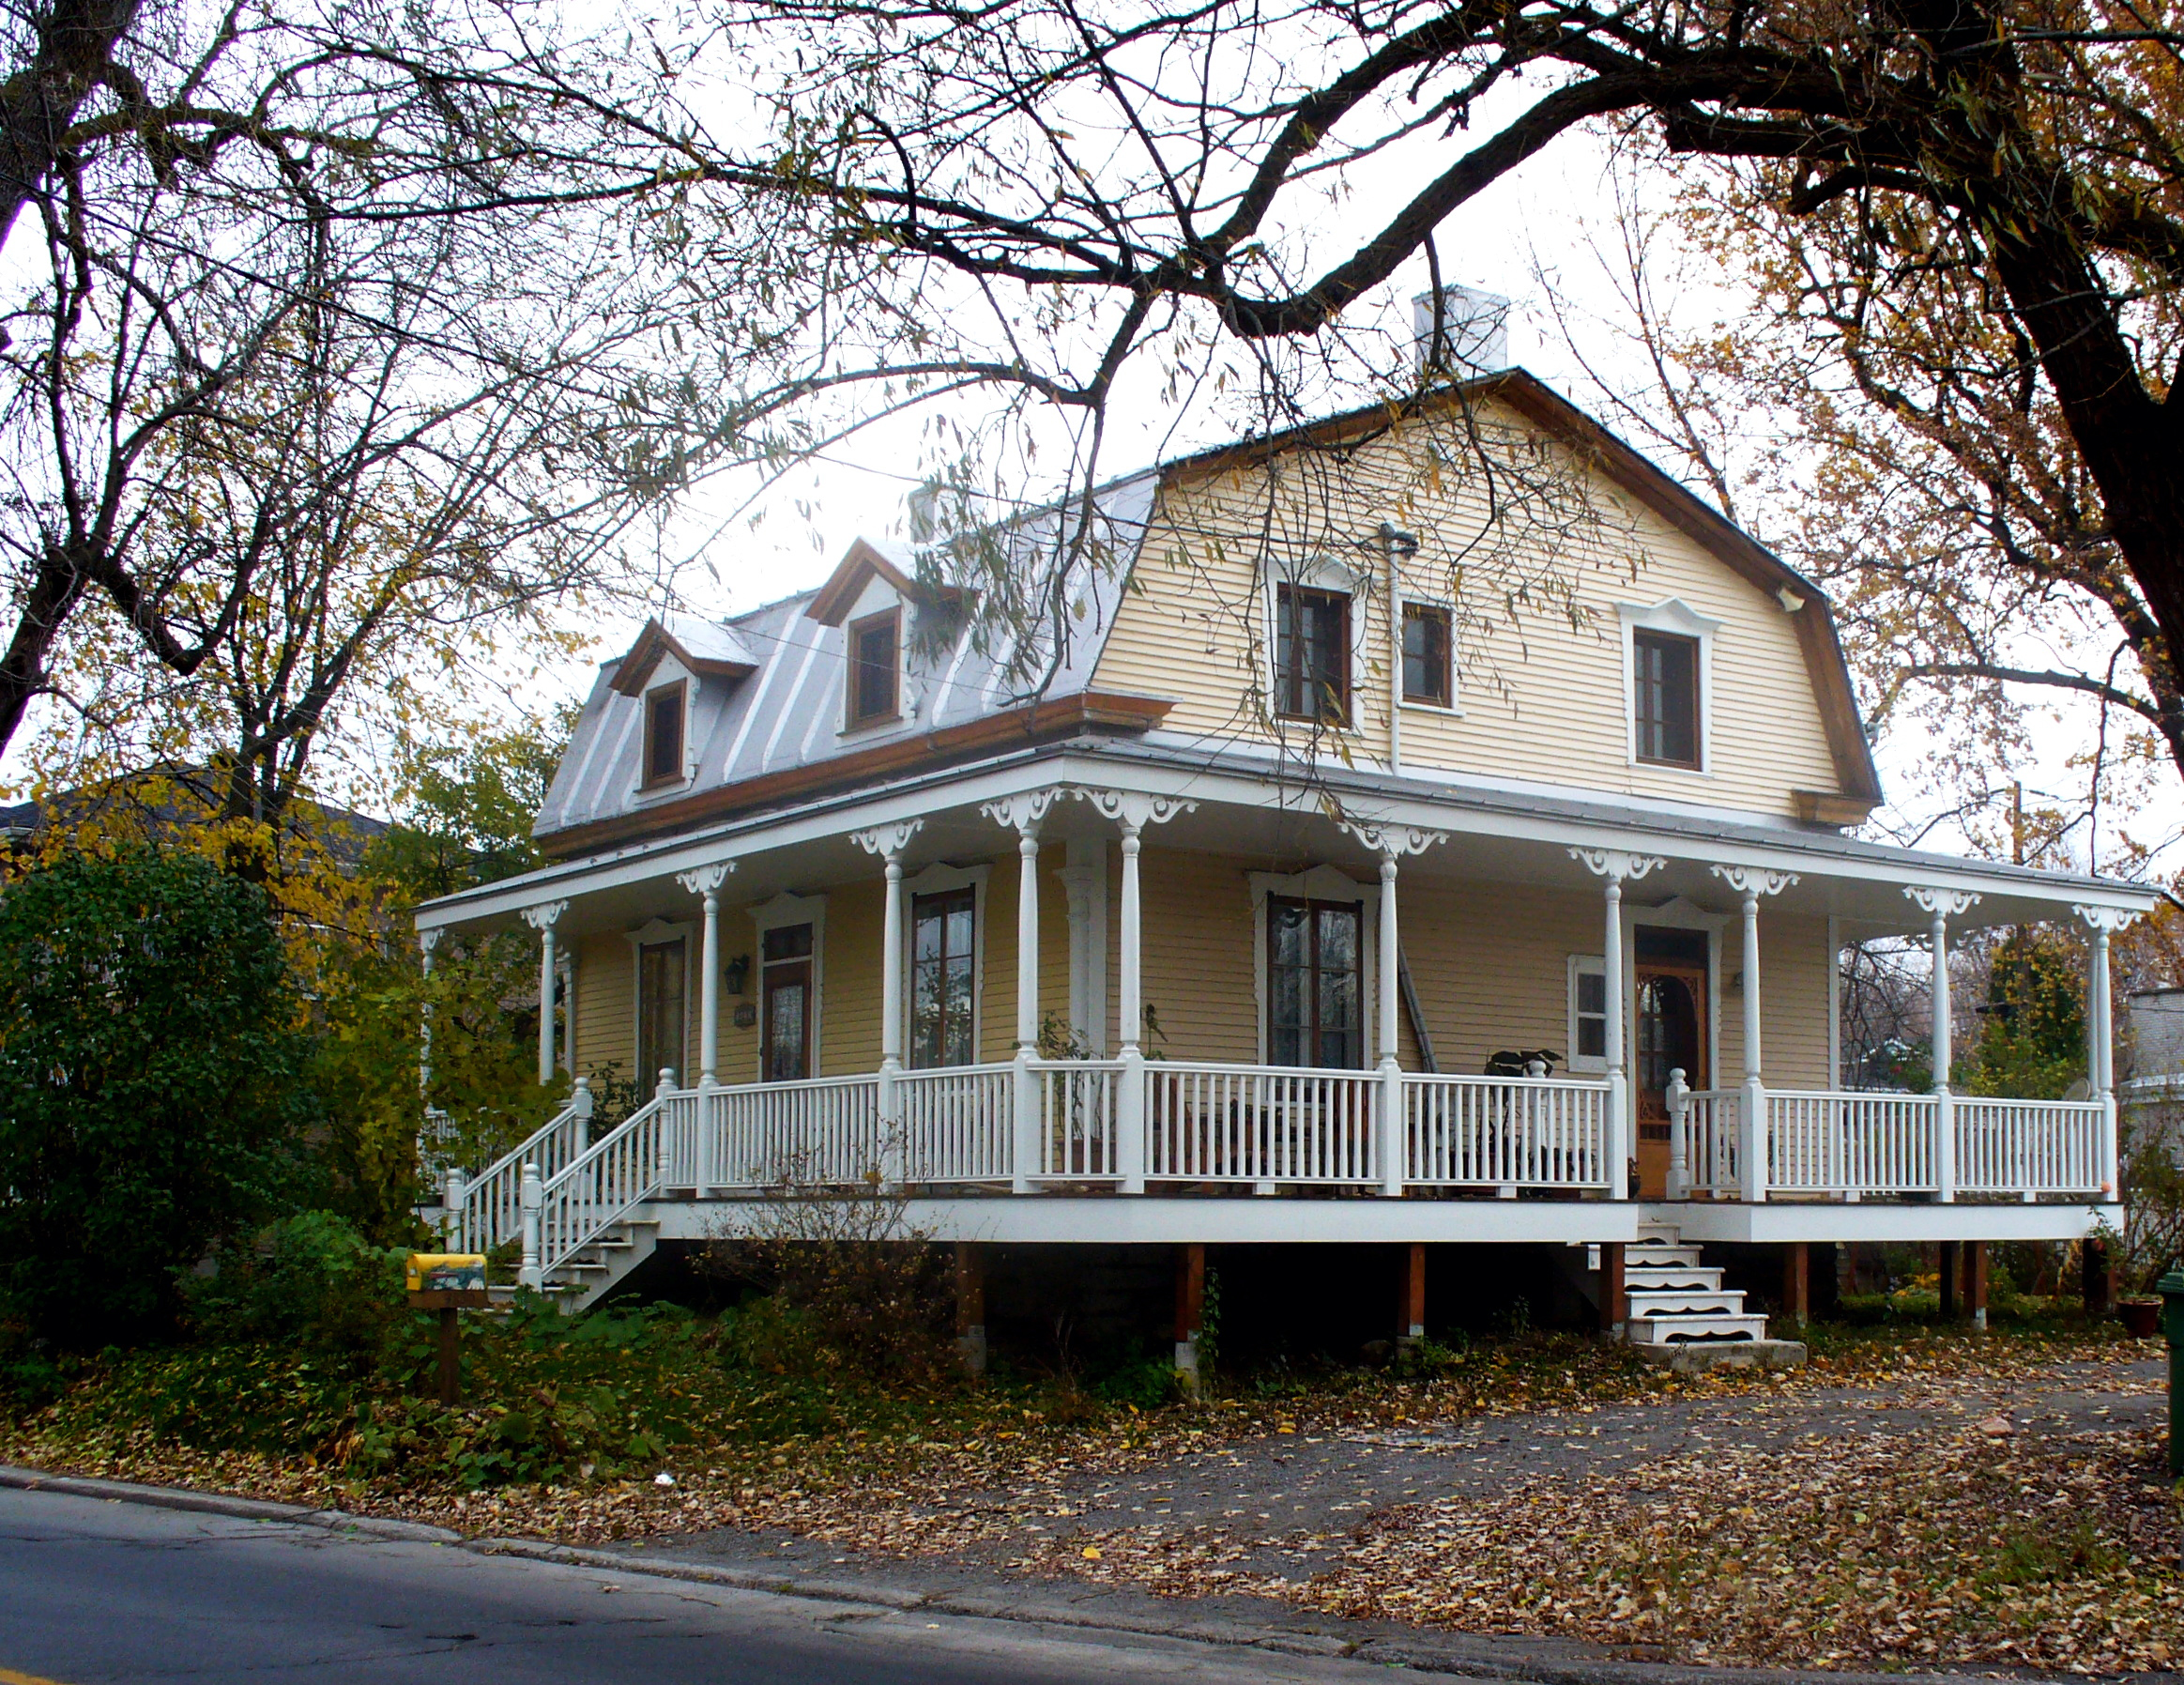 Maison Pierre Pépin © Société historique de Rivière-des-Prairies